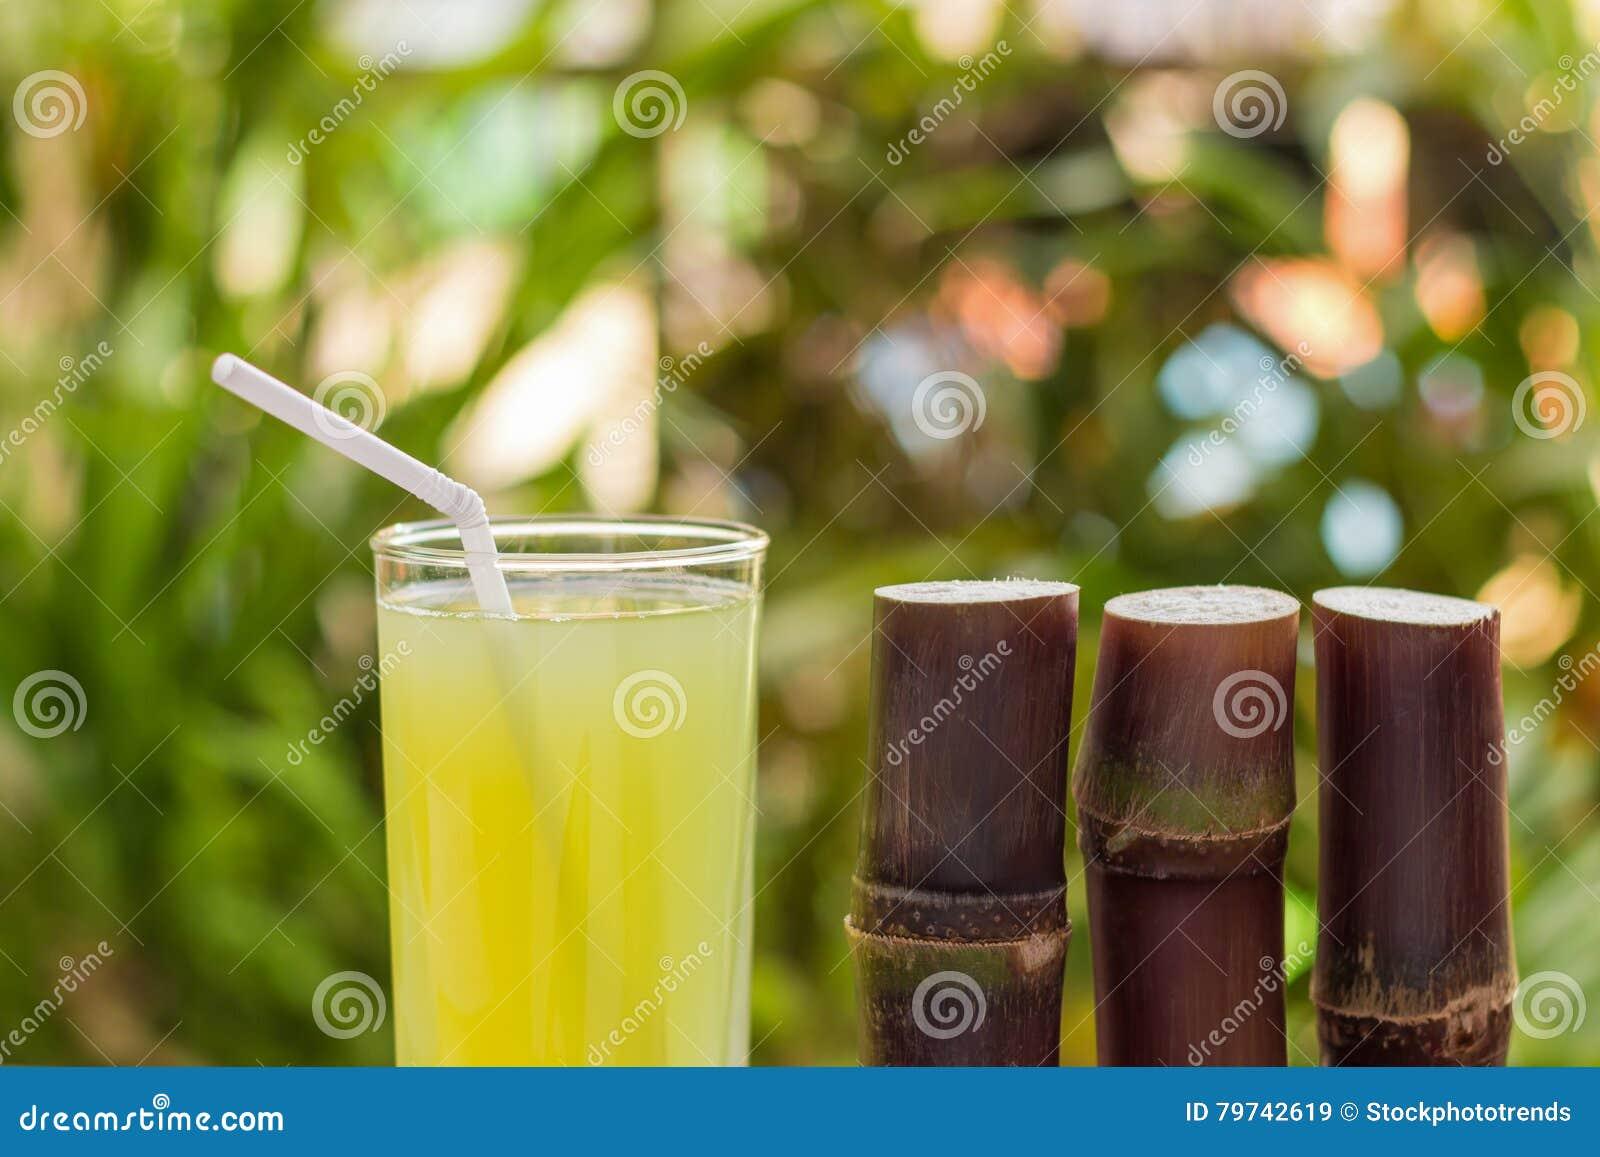 Jugo de la caña de azúcar con el pedazo de caña de azúcar en fondo de madera